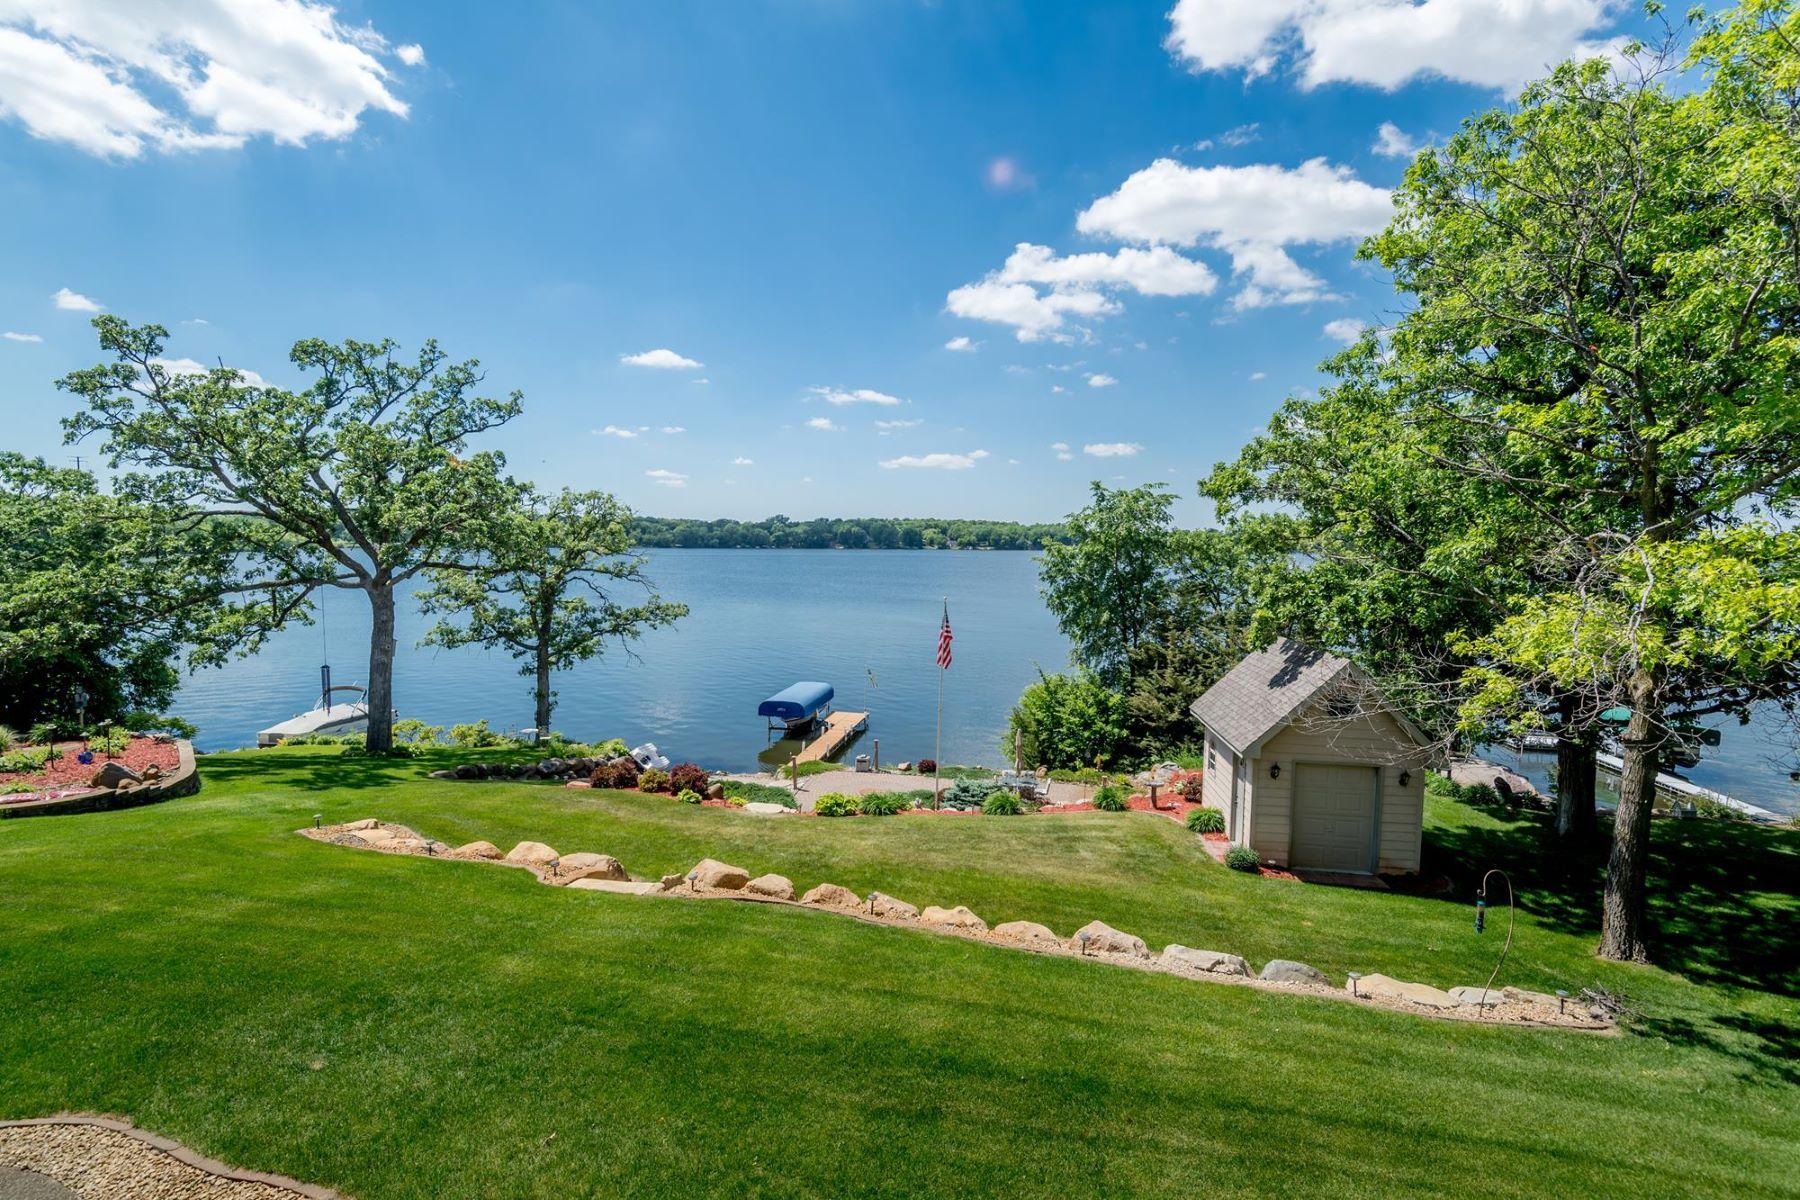 独户住宅 为 销售 在 25770 Cedar Lane New Prague, 明尼苏达州, 56071 美国